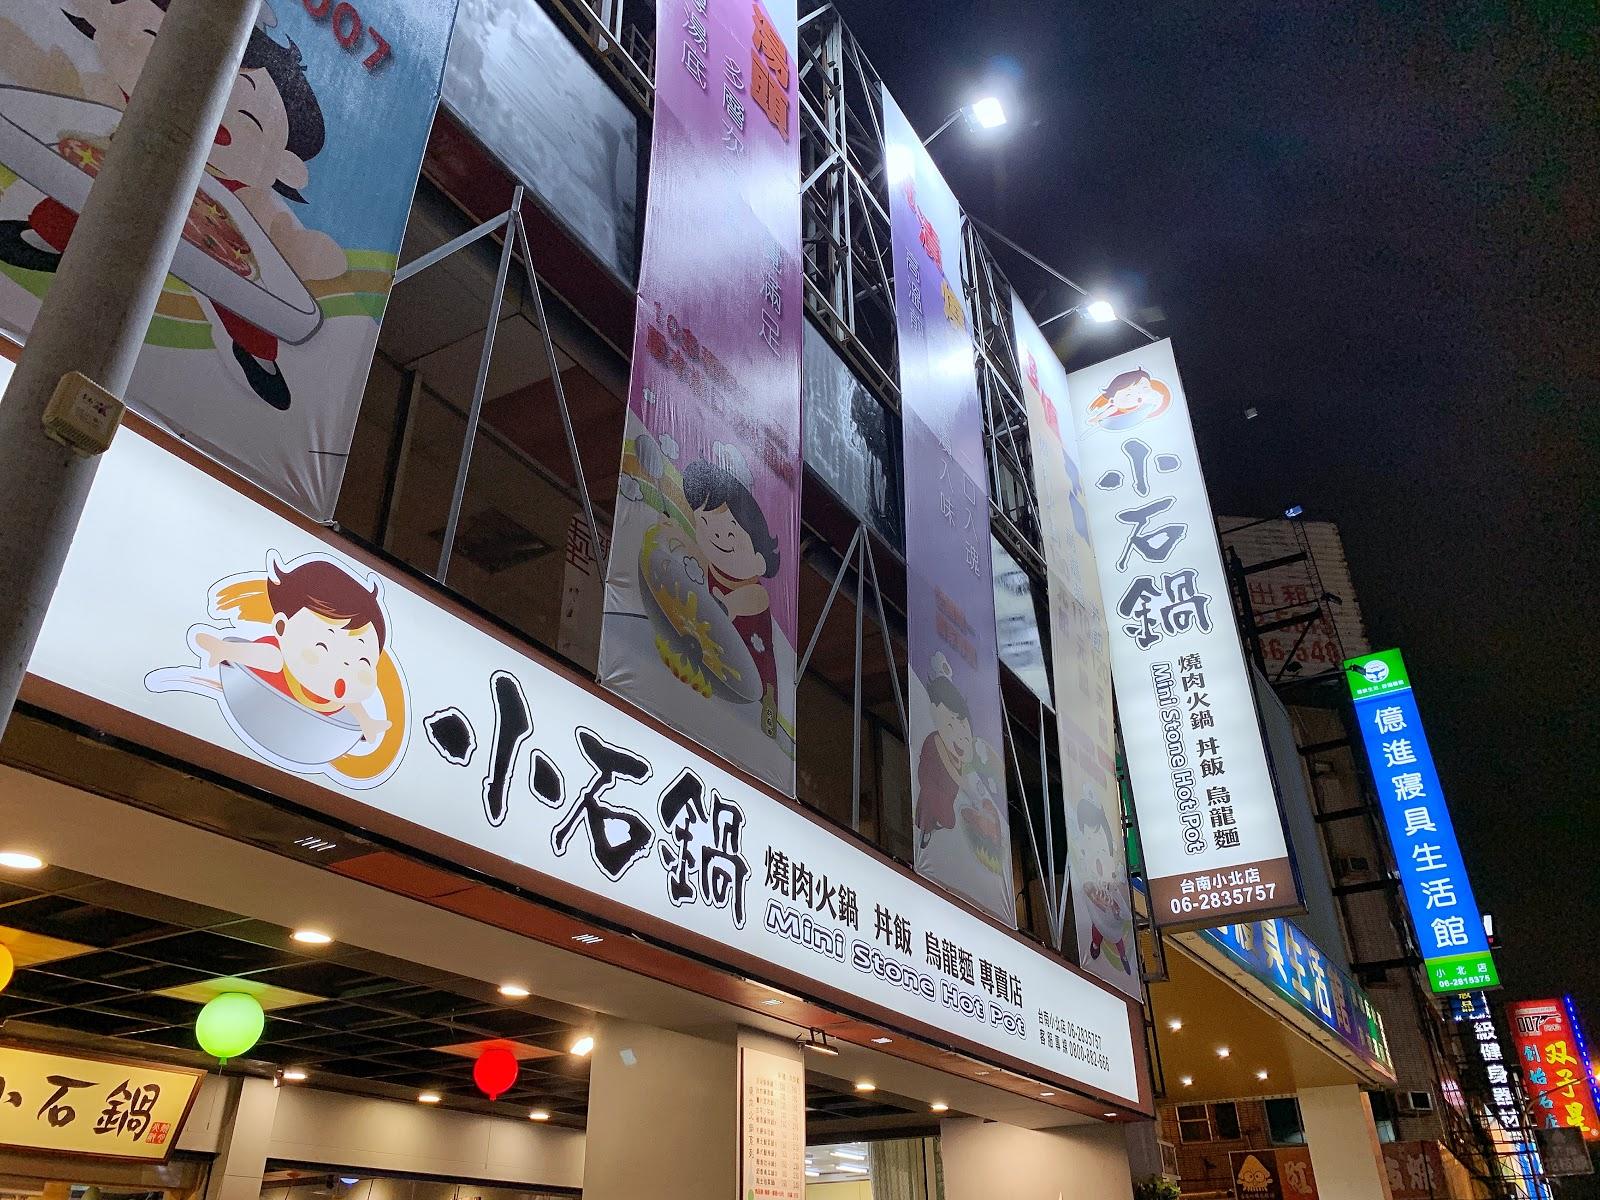 台南北區美食小石鍋分店